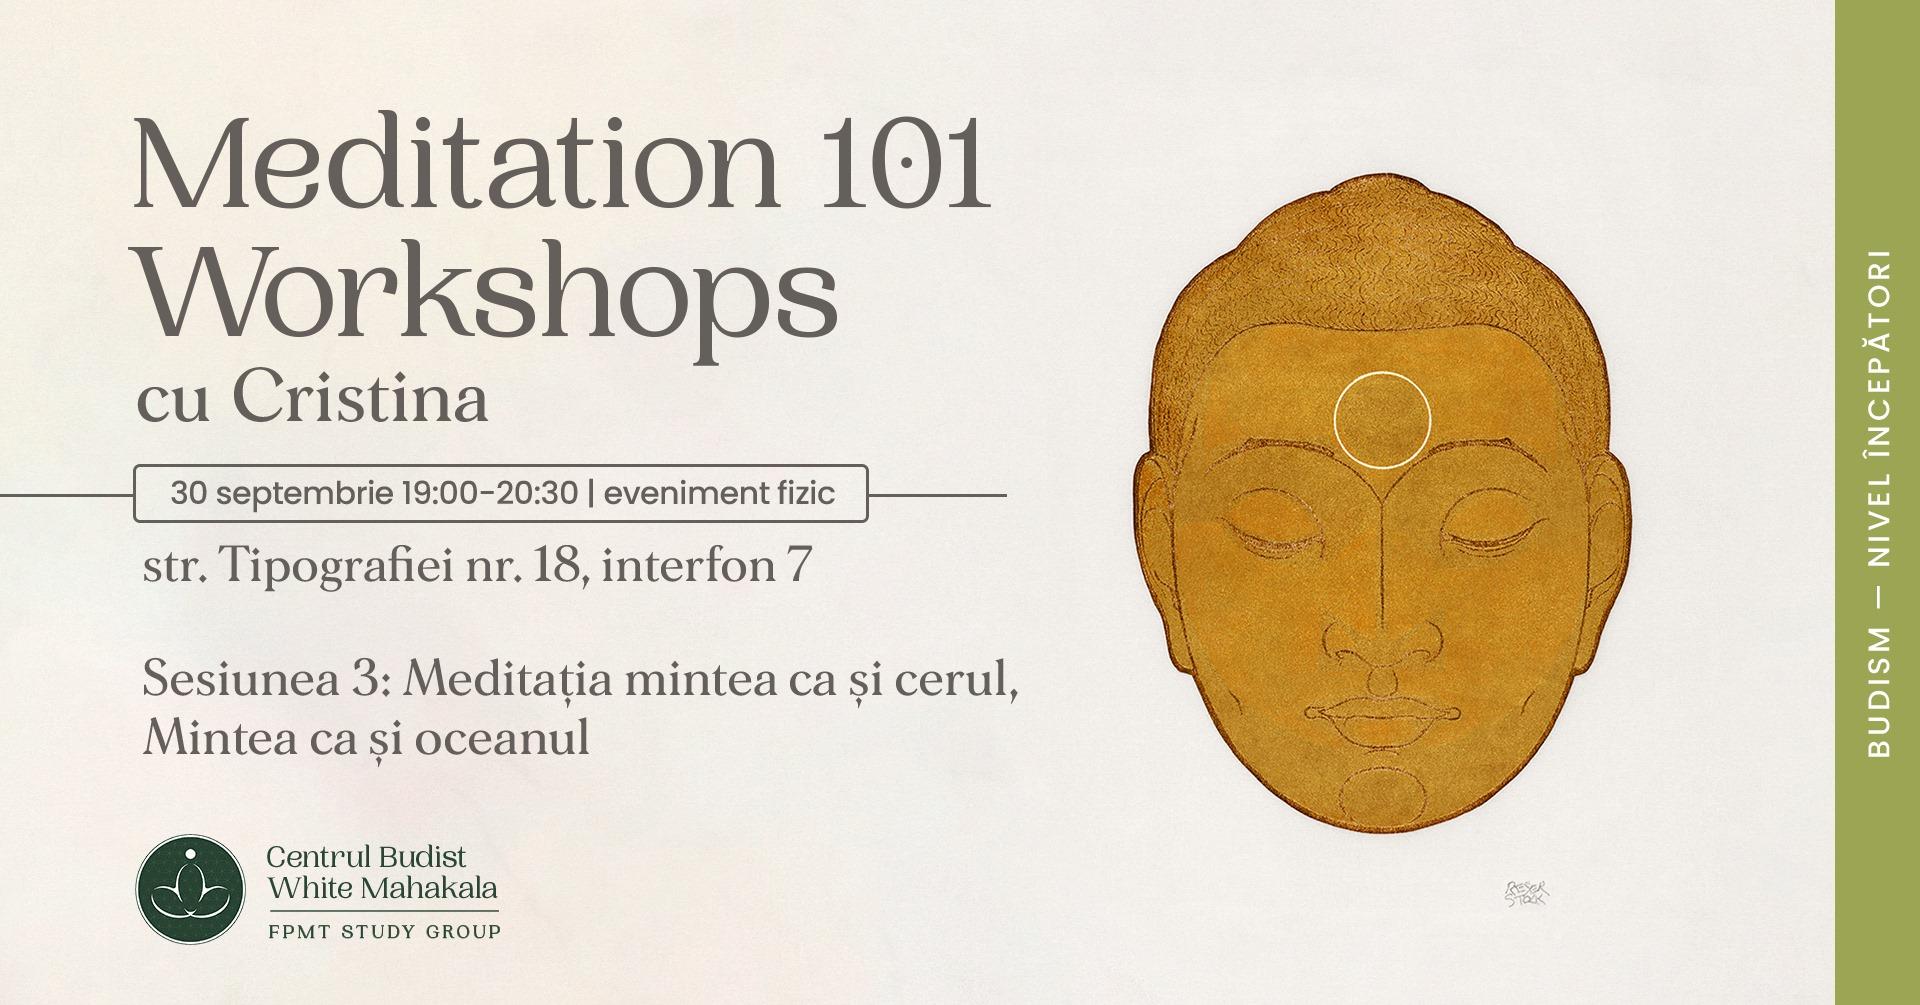 MEDITATION 101- Workshops. Sesiunea 3: Meditatie Mintea ca si cerul/Mintea ca si oceanul